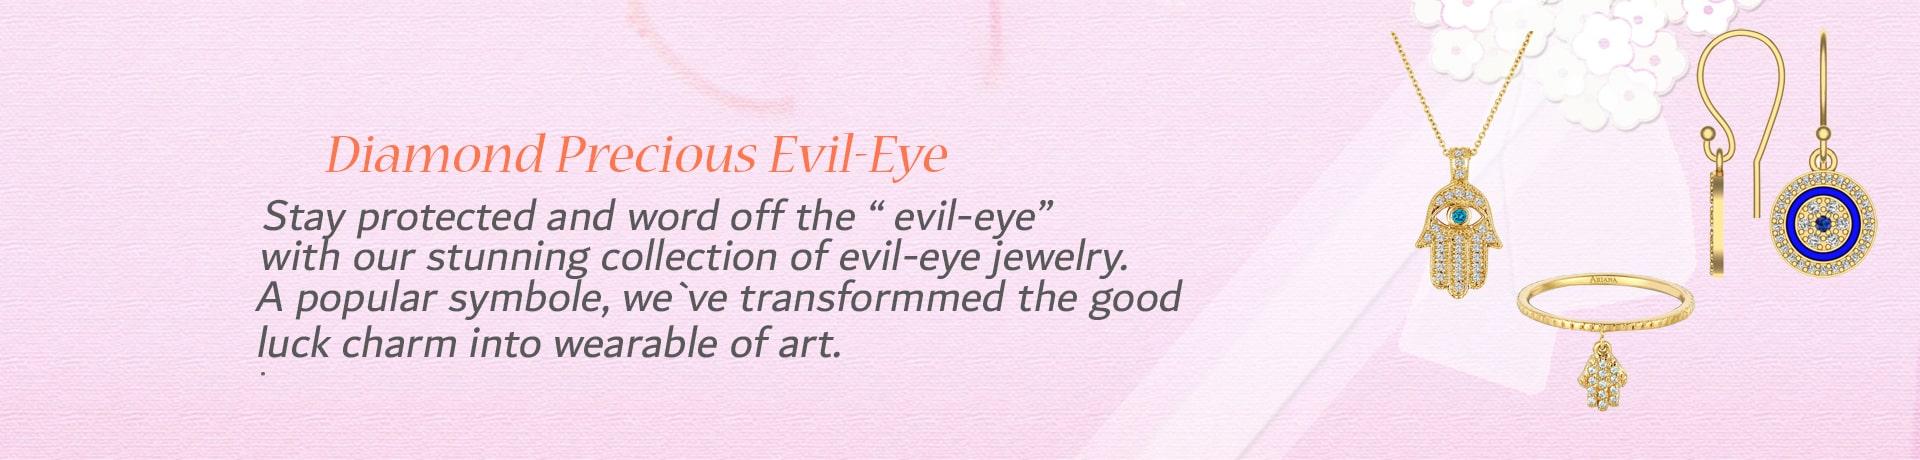 category-diamond -precious evil-eye